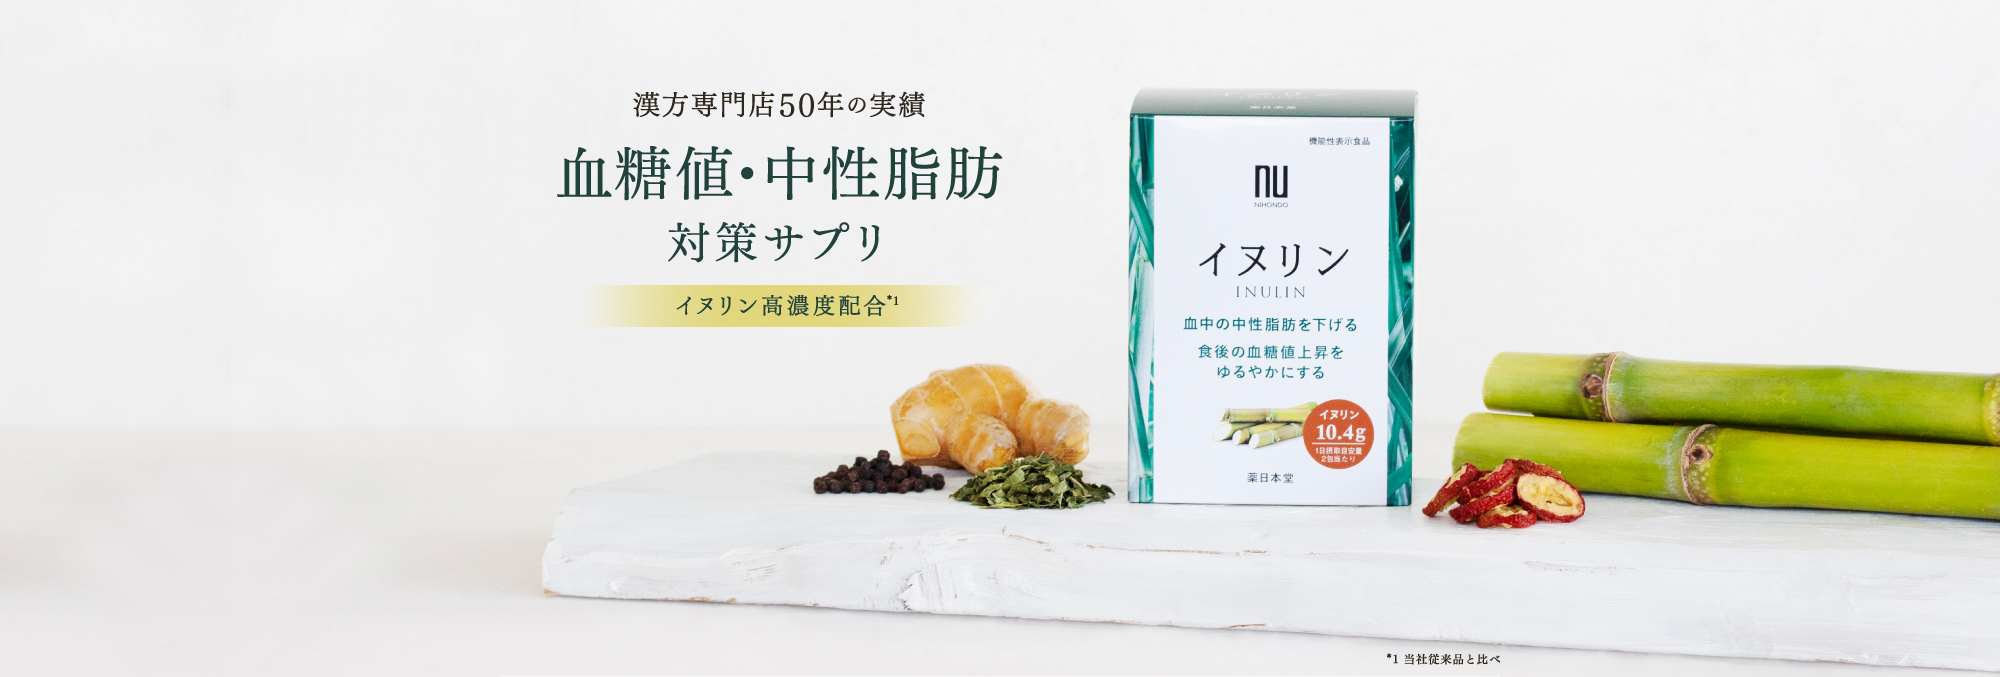 漢方専門店50年の実績 血糖値・中性脂肪対策サプリ イヌリン高濃度配合